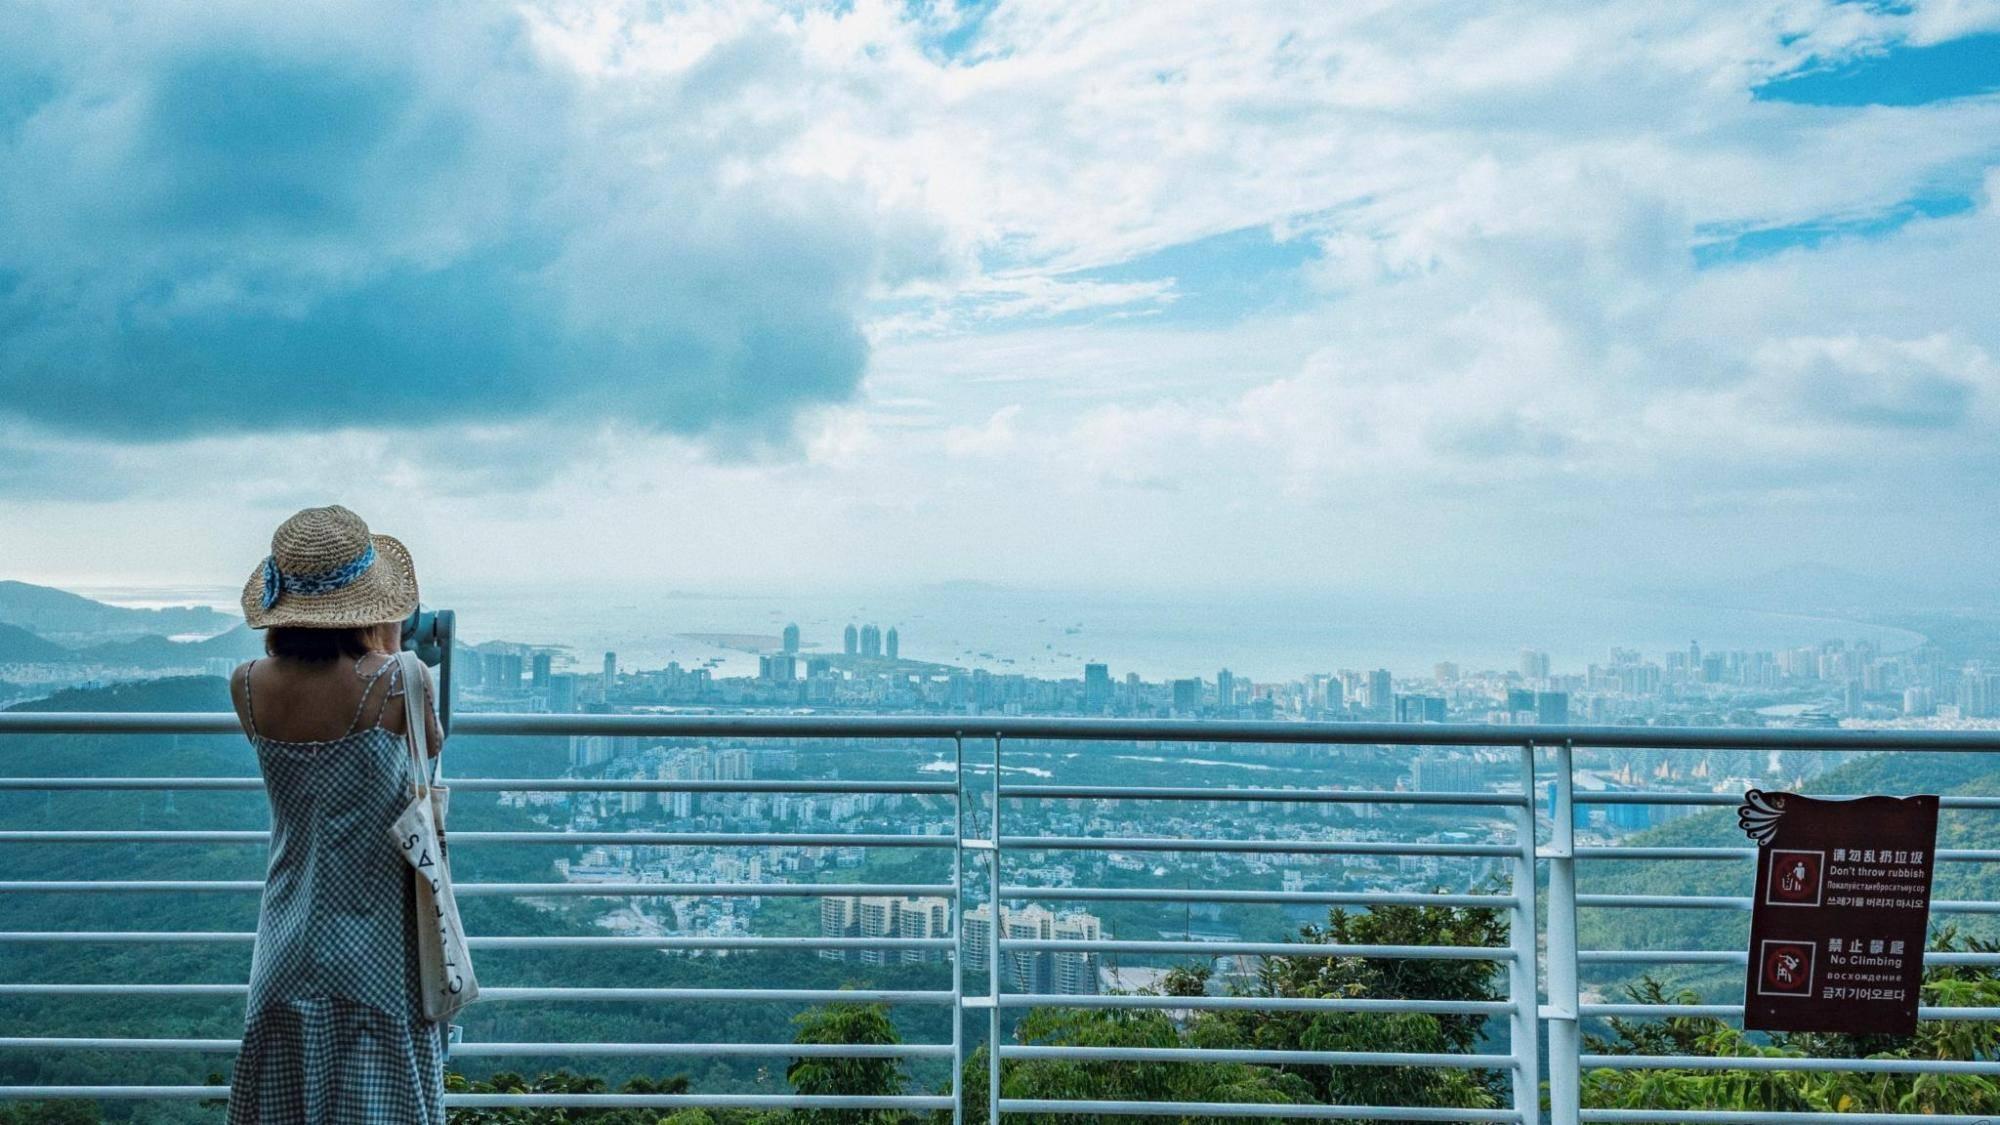 三亚有一座爱情圣山,俯瞰三亚城的最佳去处,国家4A景区门票106